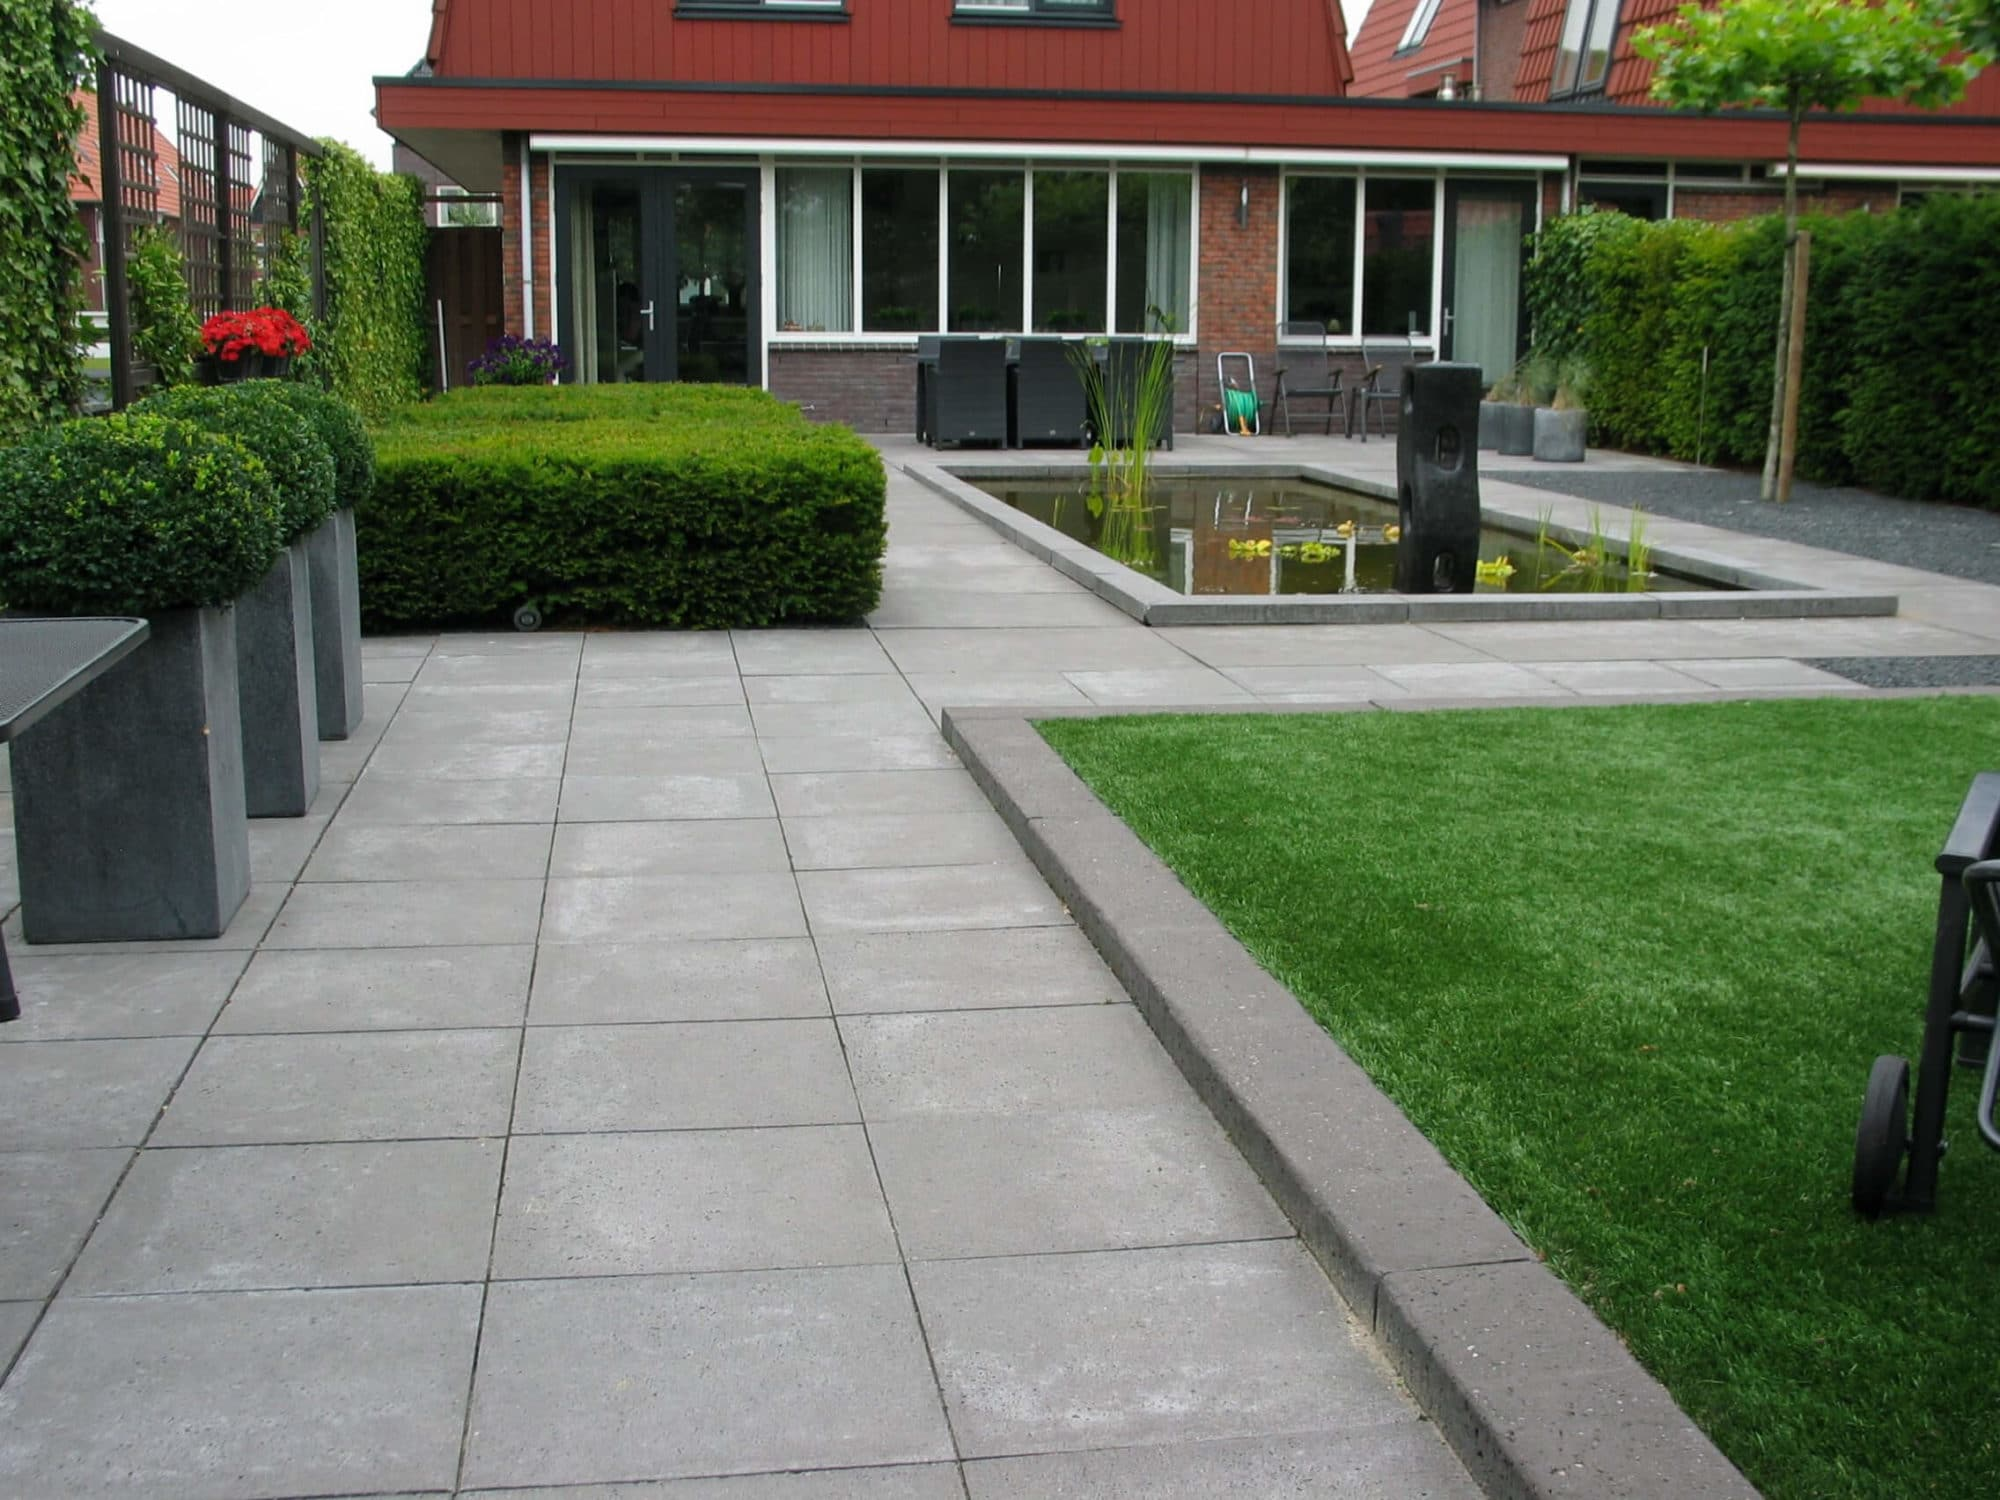 Grote Moderne Tuin : Moderne tuin aangelegd met grote vijver u conceptgroen